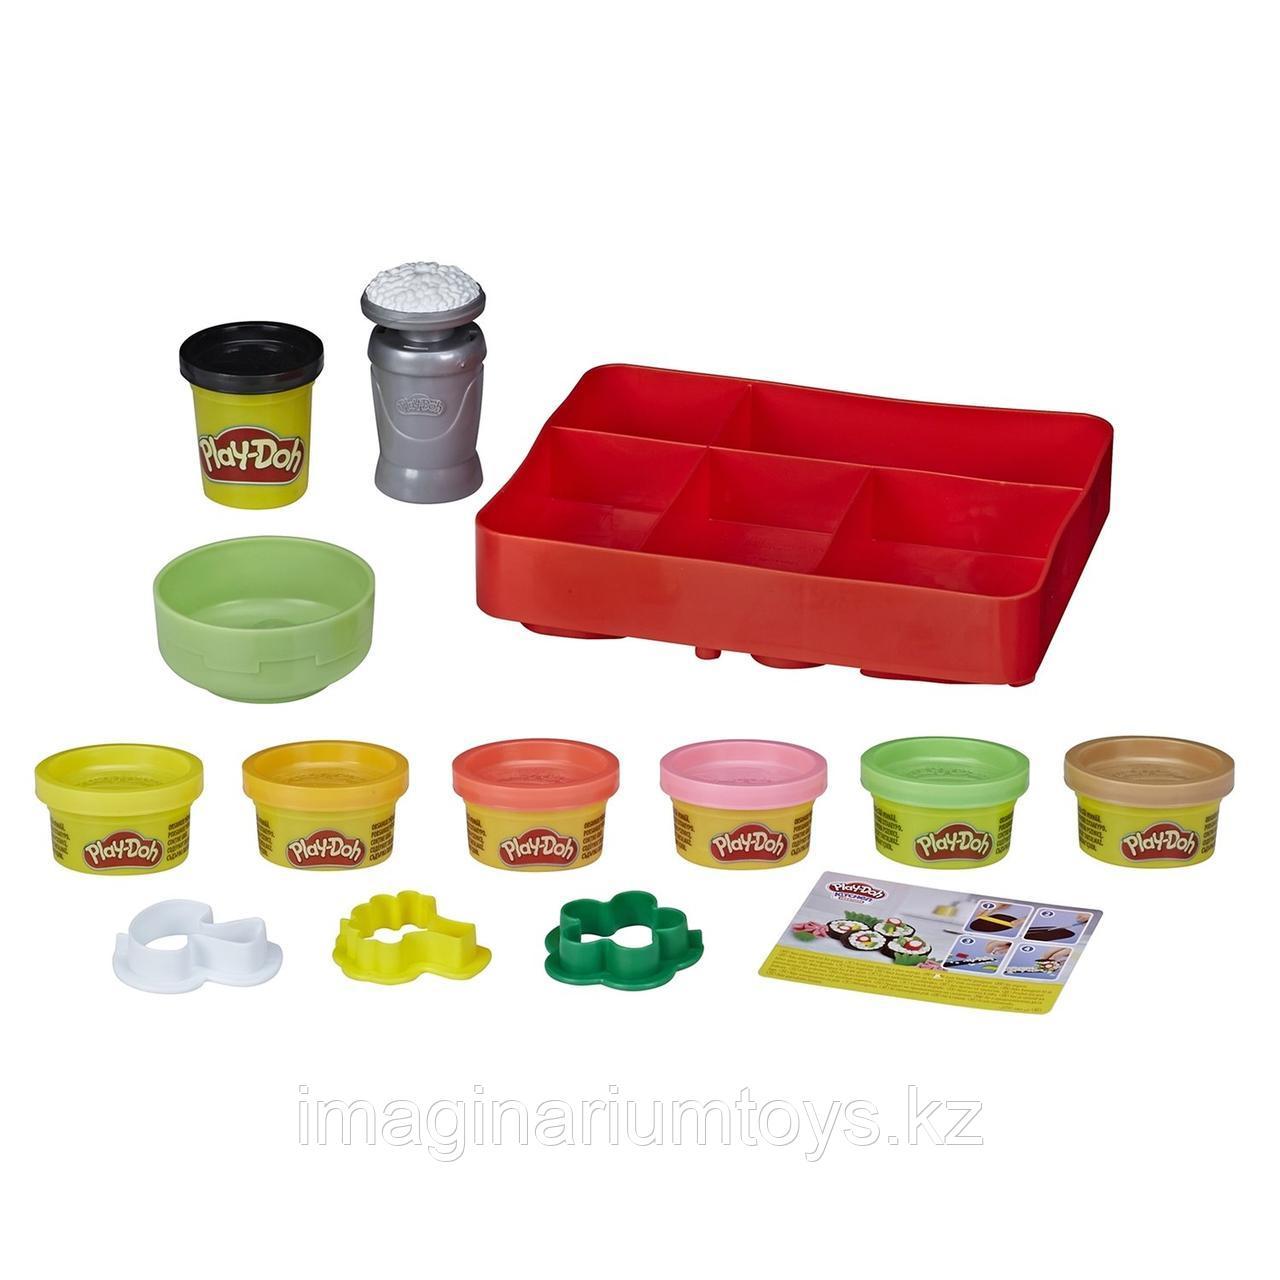 Пластилин Play-Doh Плейдо набор с формочками «Сделай суши» - фото 2